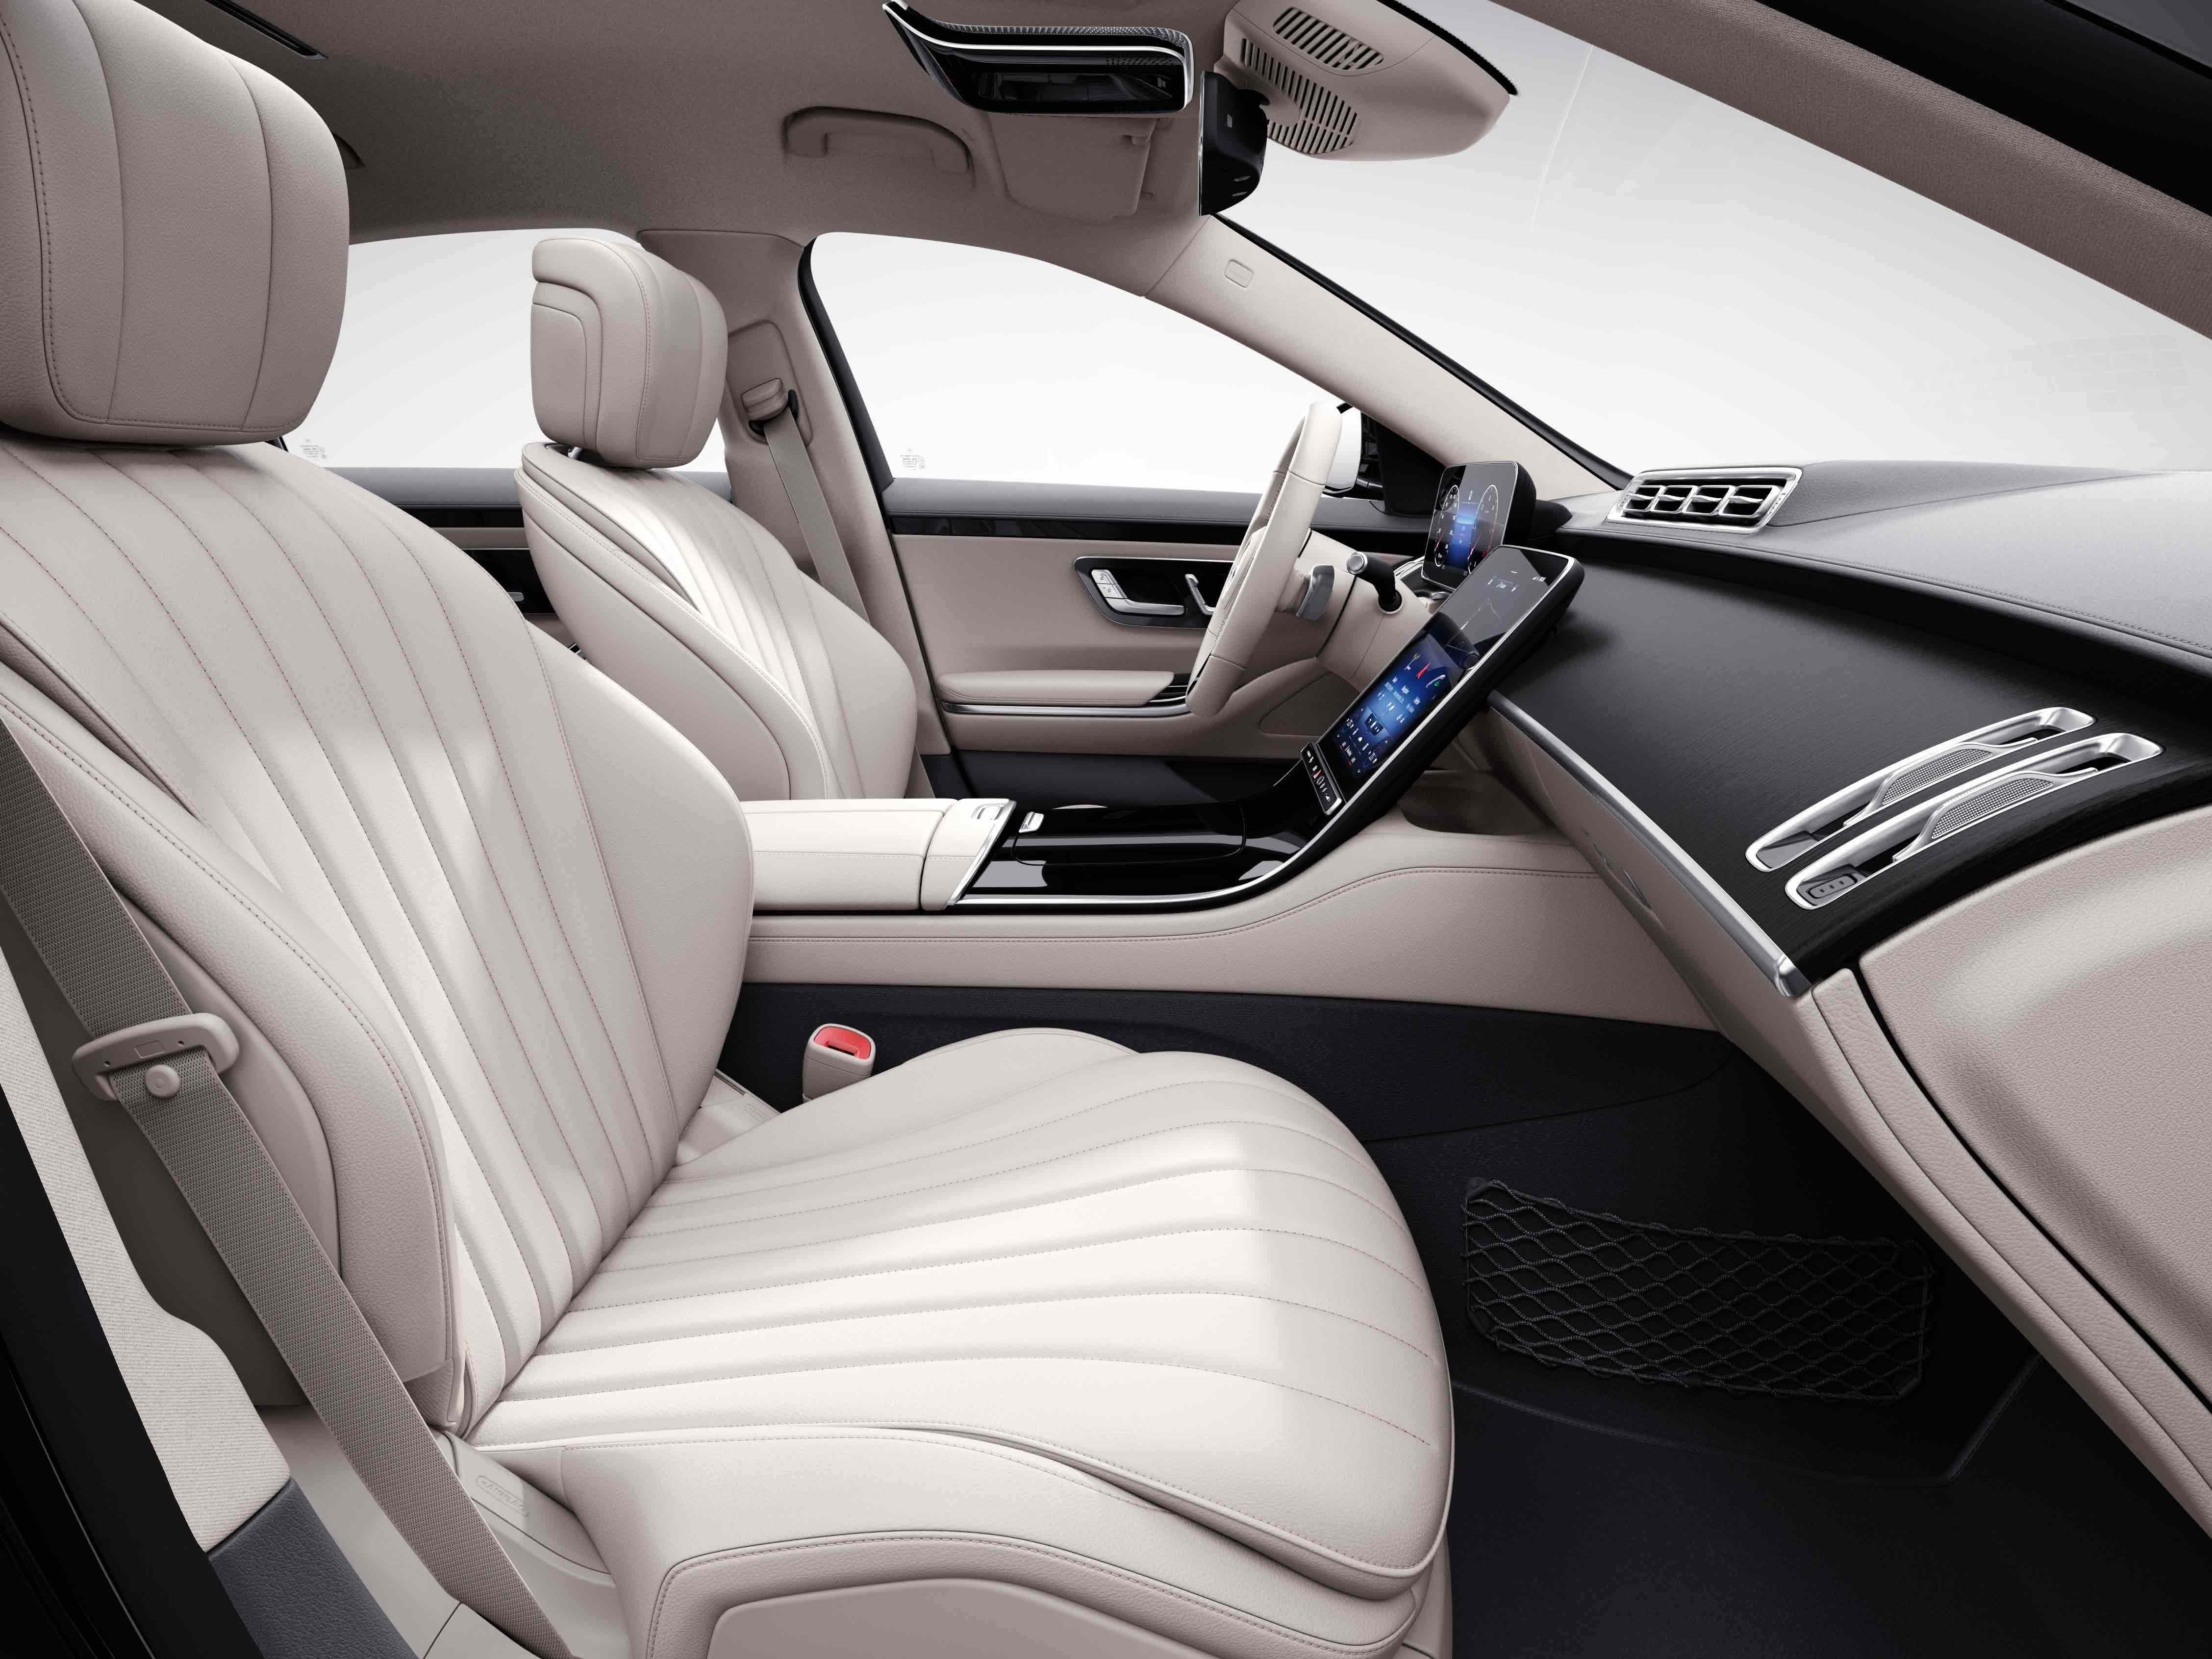 Habitacle de la Mercedes Classe S Limousine avec une Sellerie cuir marron noix noir